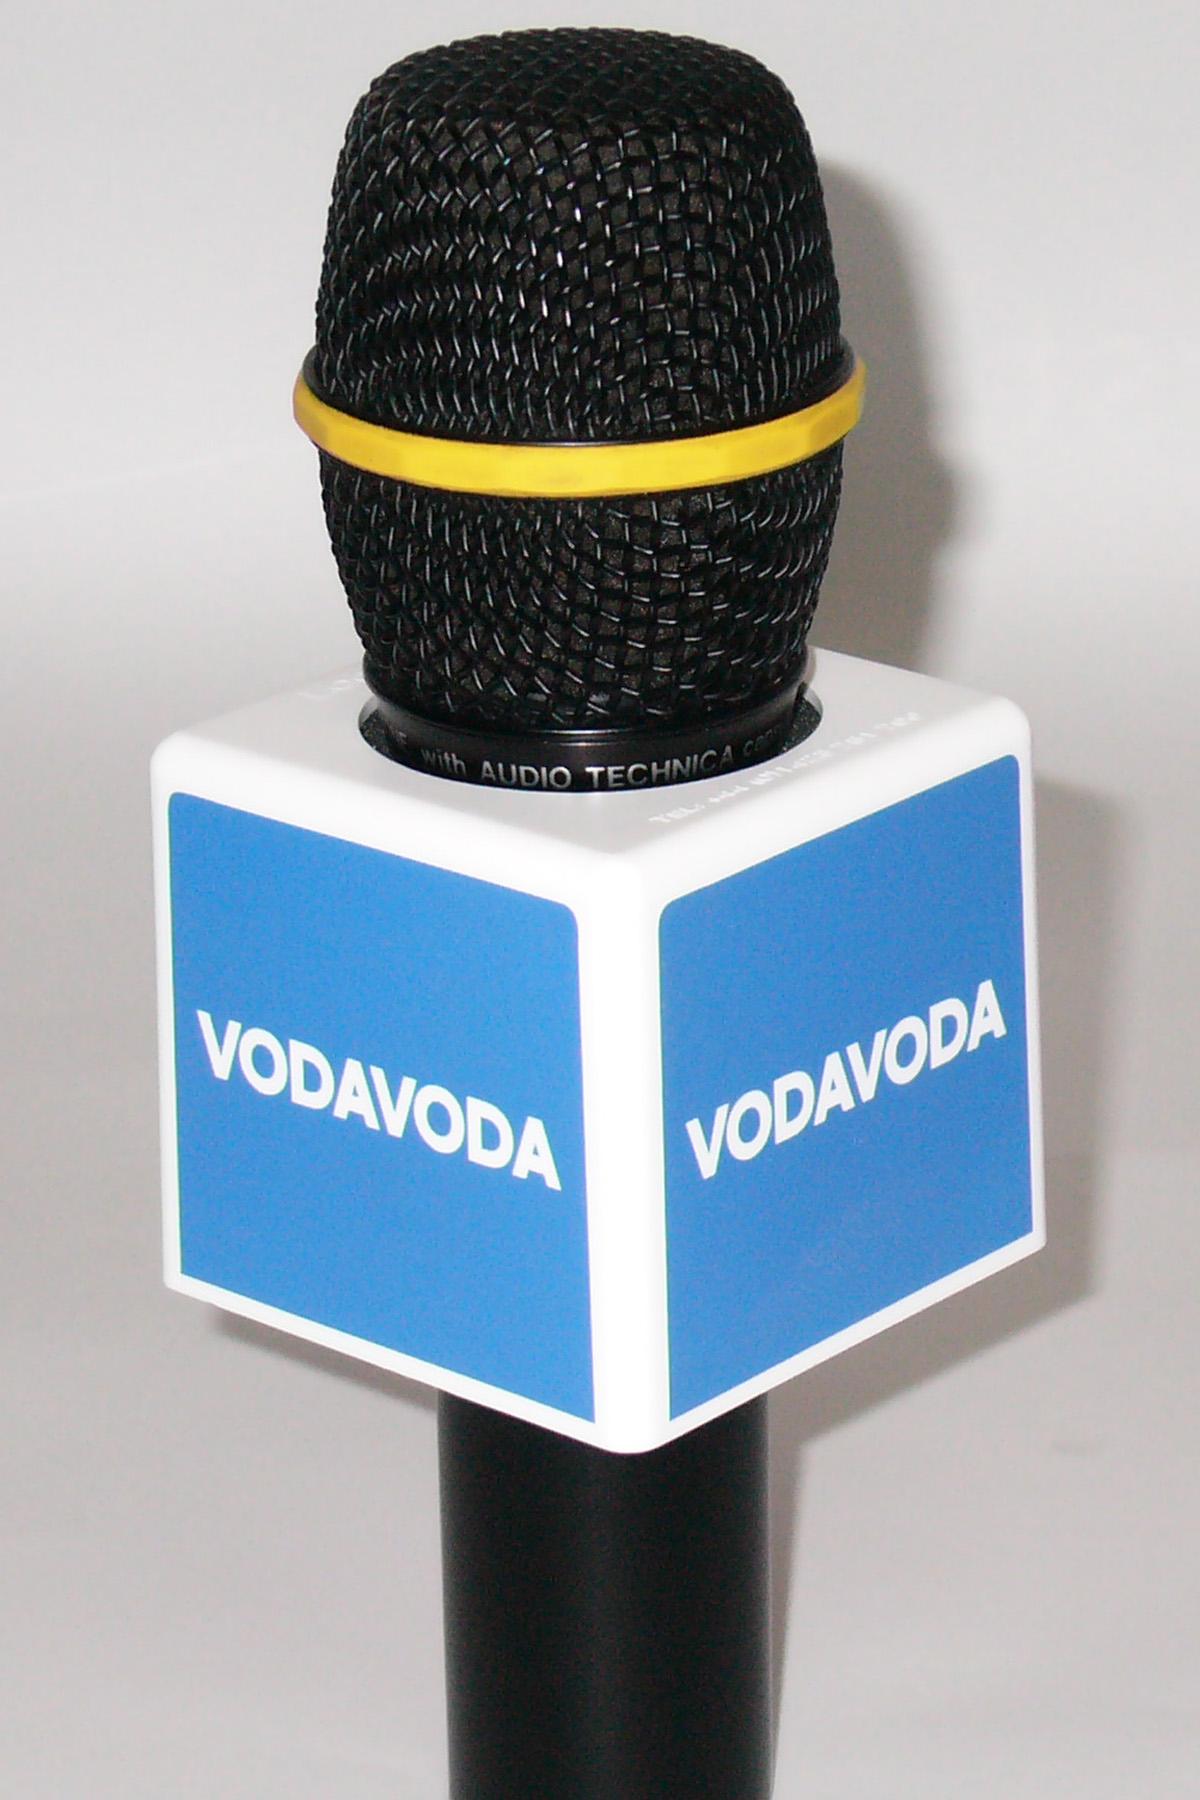 Mic cube VodaVoda